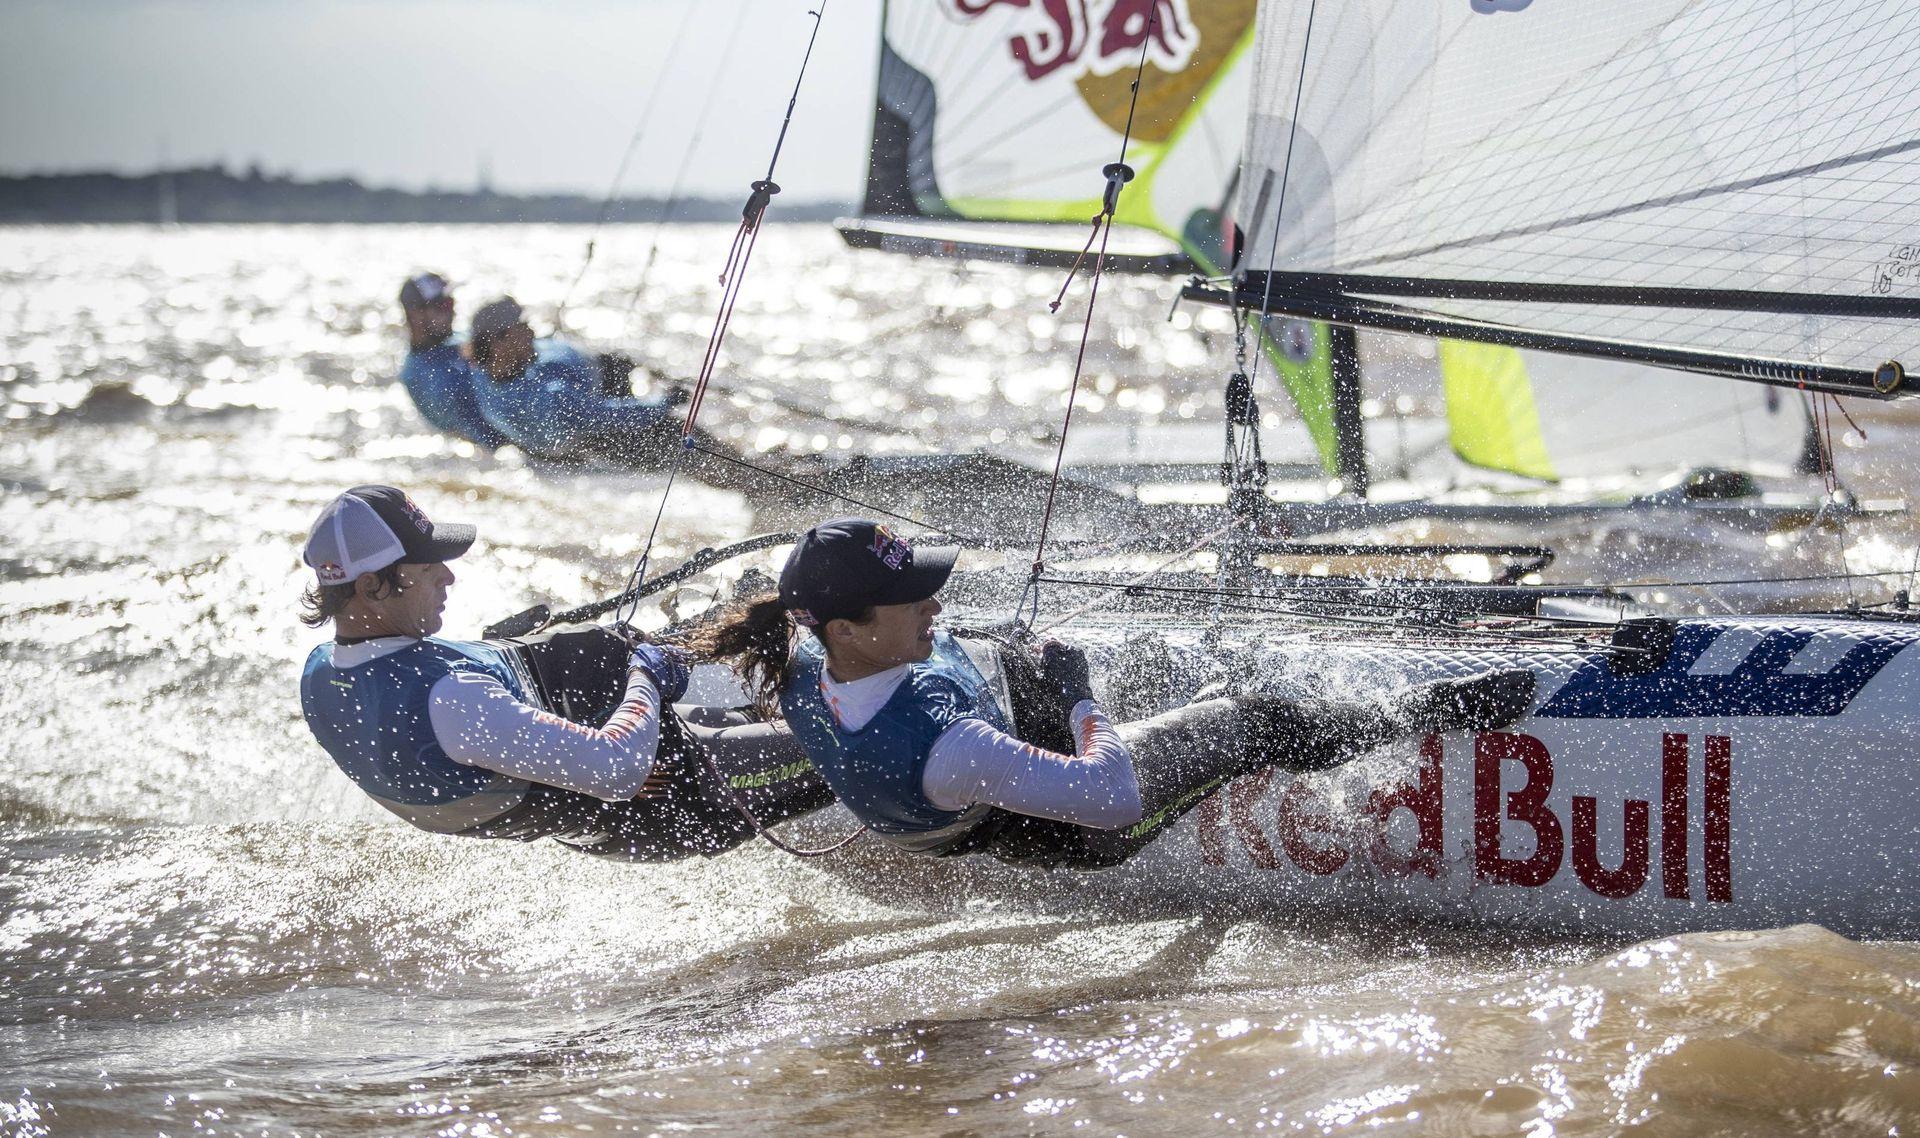 Para Río 2016, Santiago se dio el gusto de compartir la experiencia olímpica con dos de sus hijos, Yago y Klaus, que compitieron en otra de las categorías de vela